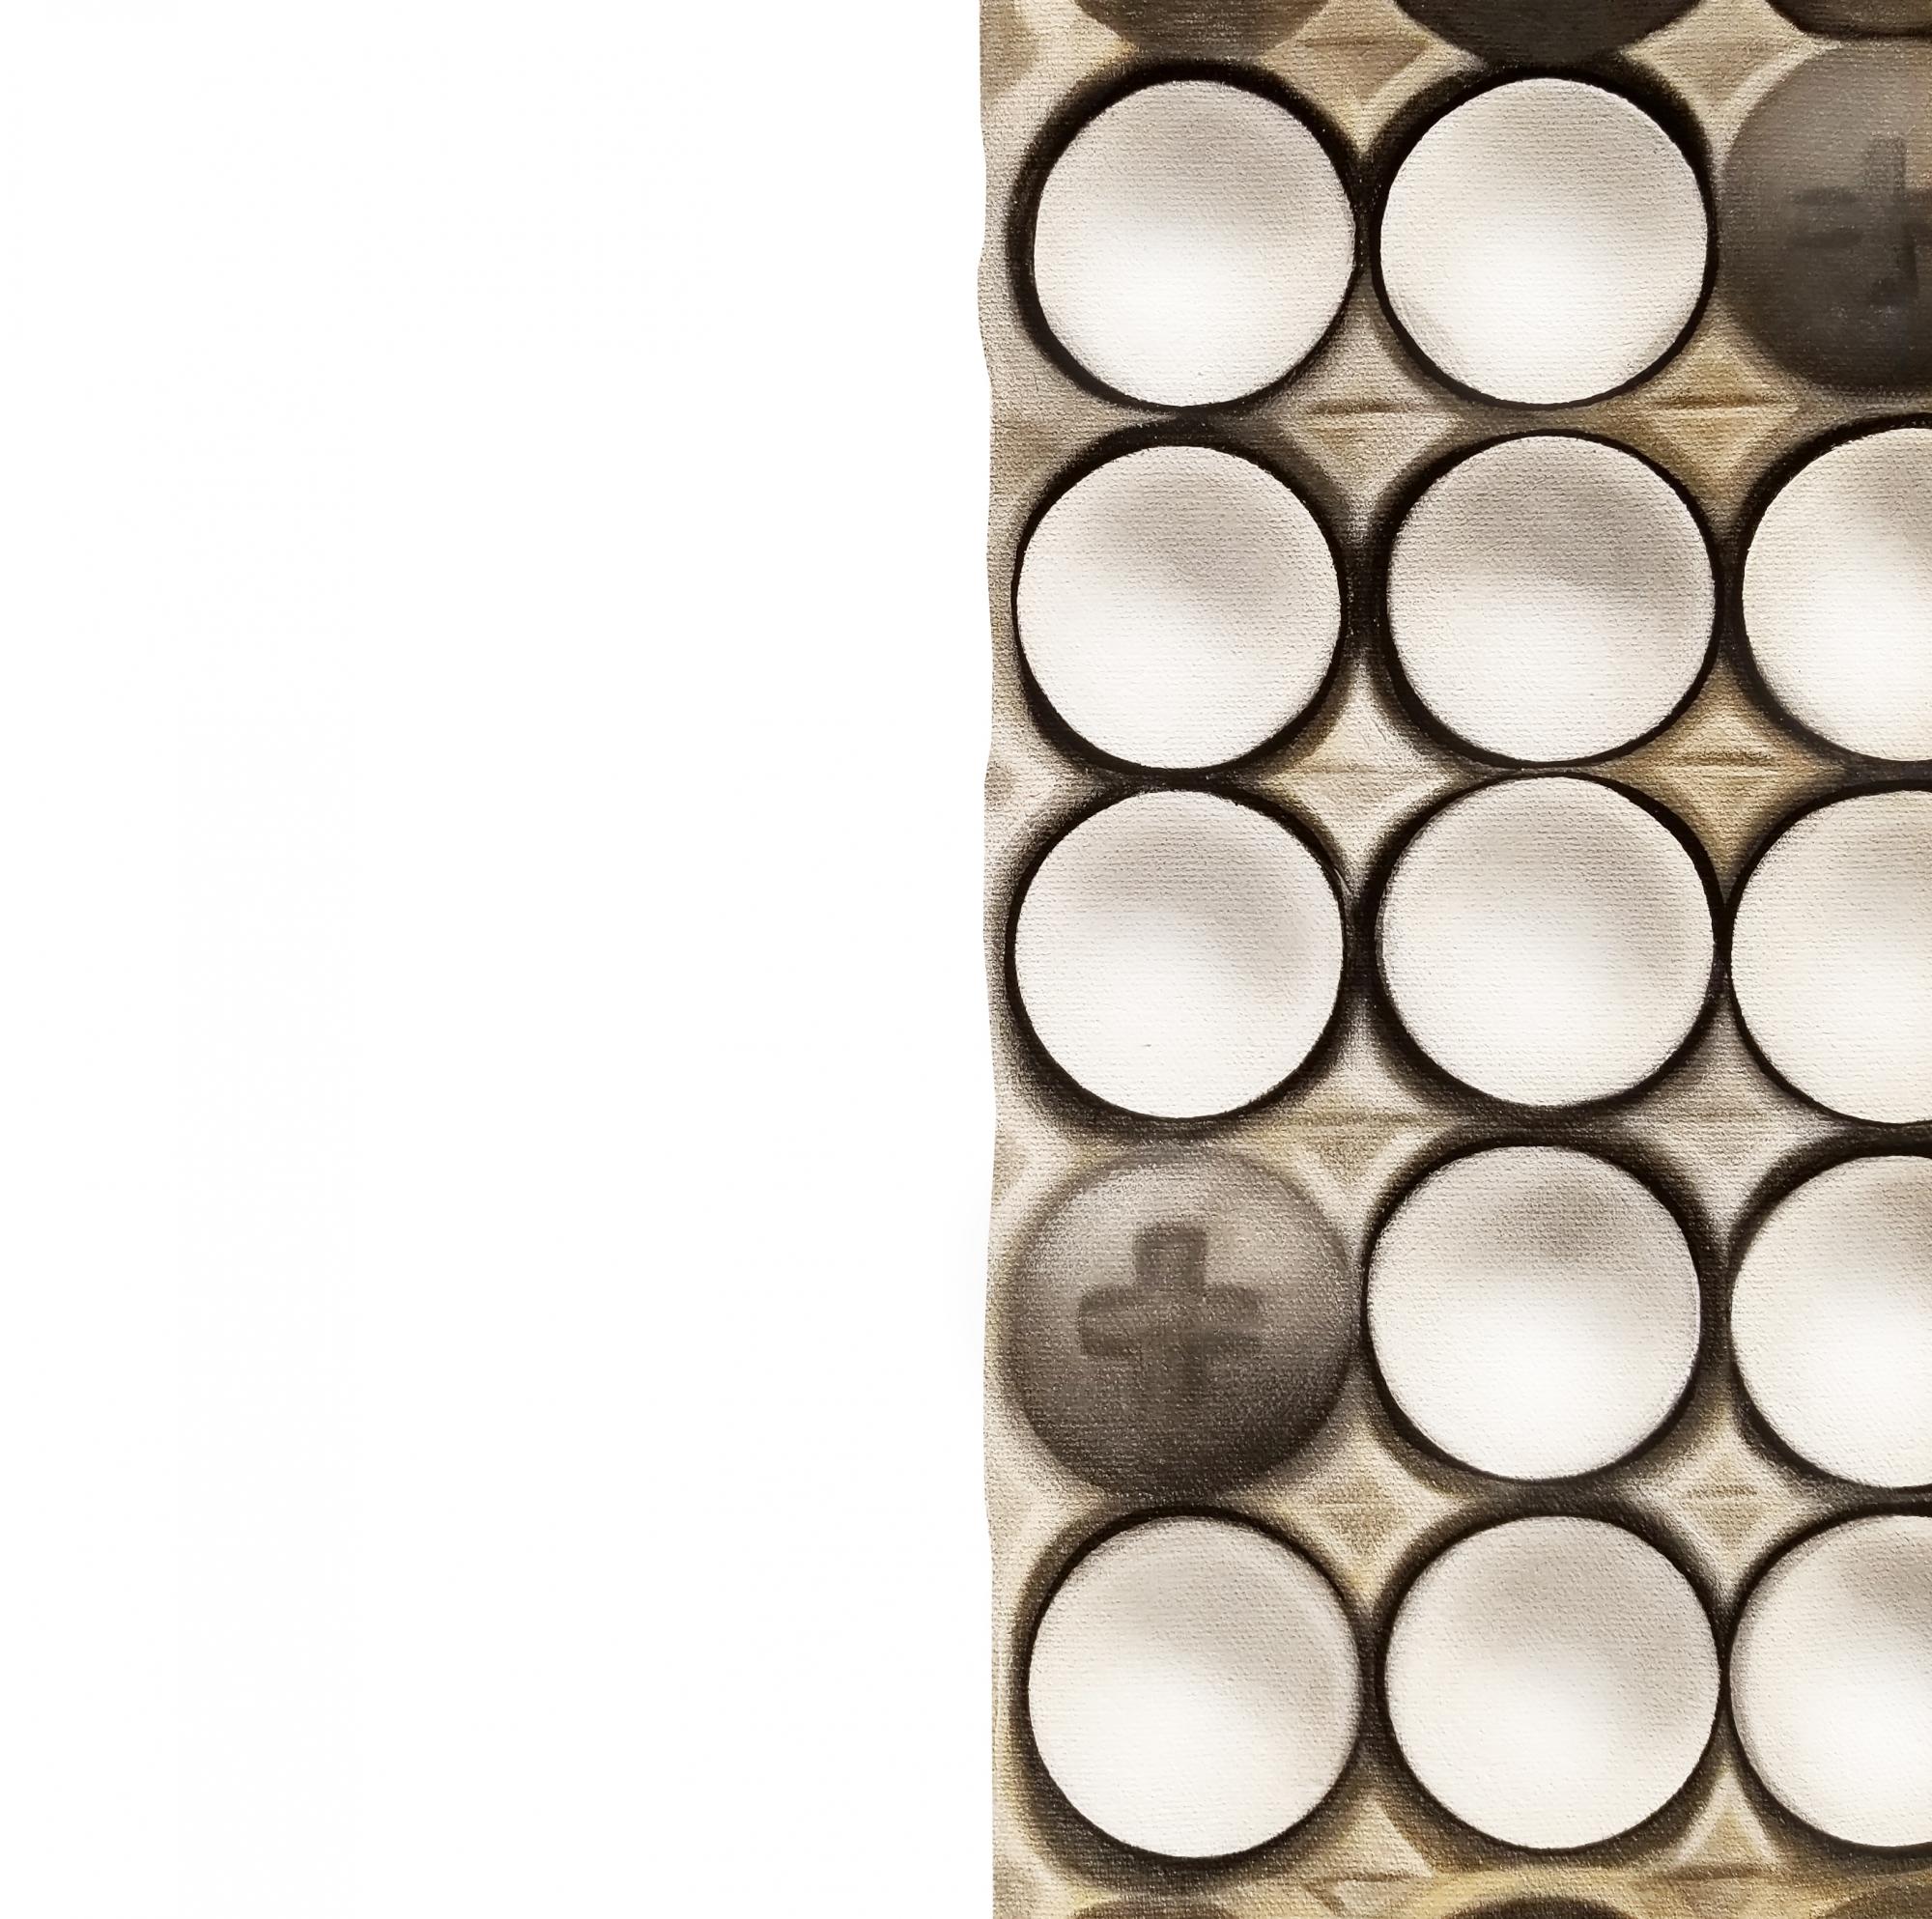 Tasting Room: Eggs  by Erin Rothstein